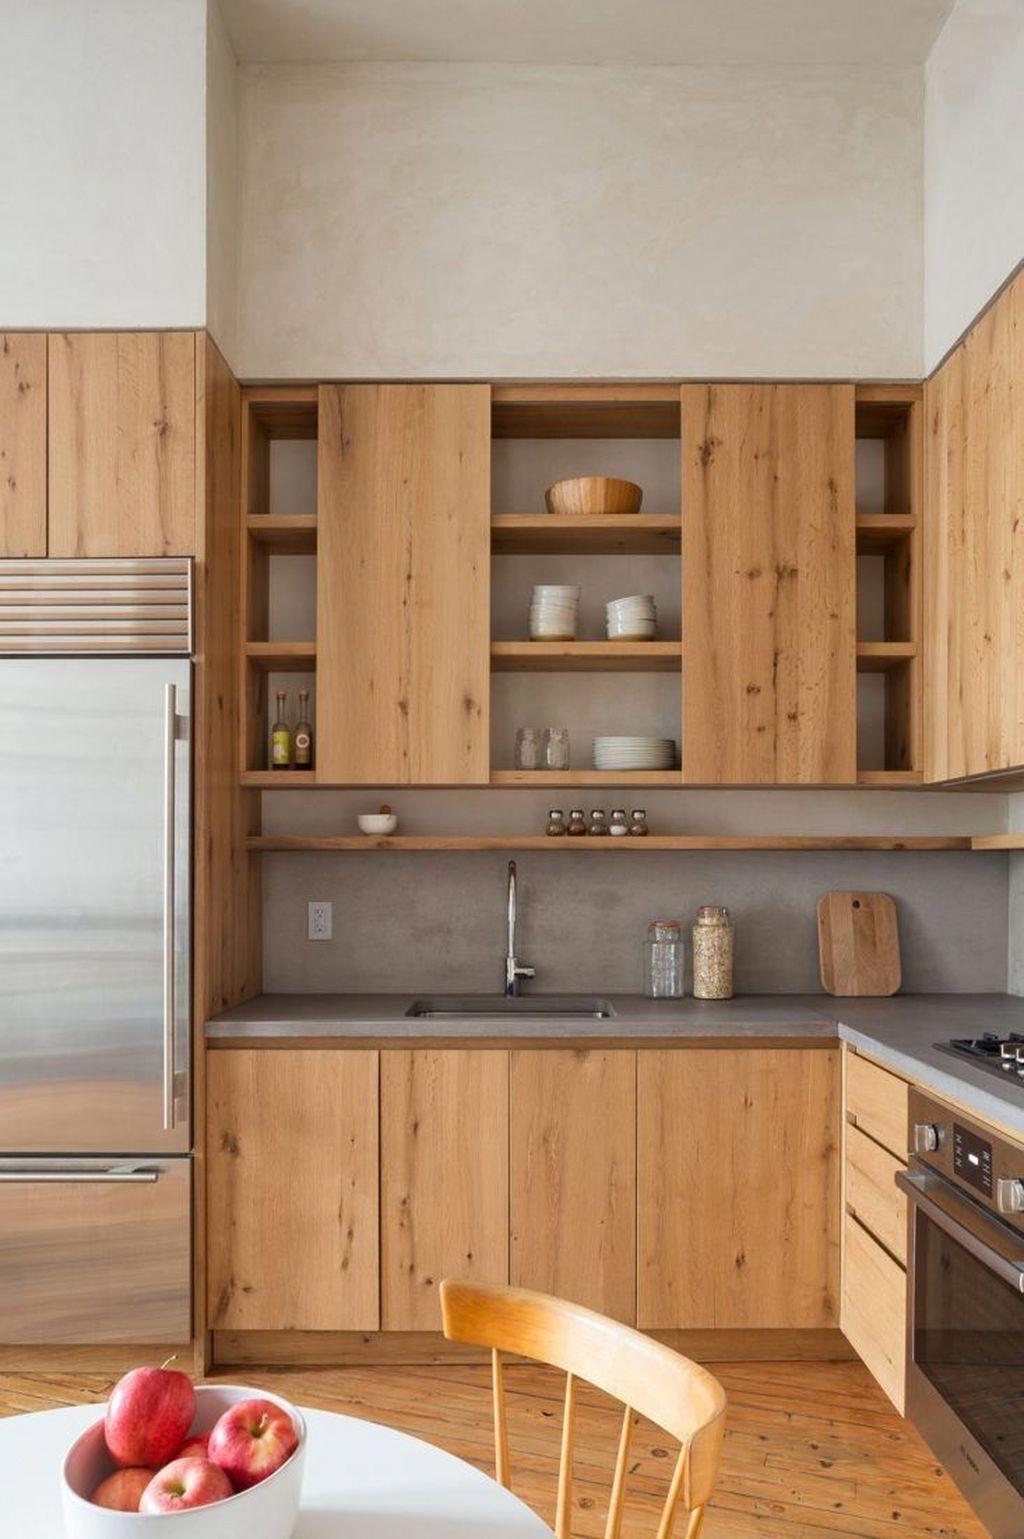 48 Relaxing Apartment Kitchen Design Ideas Kitchendesignideas